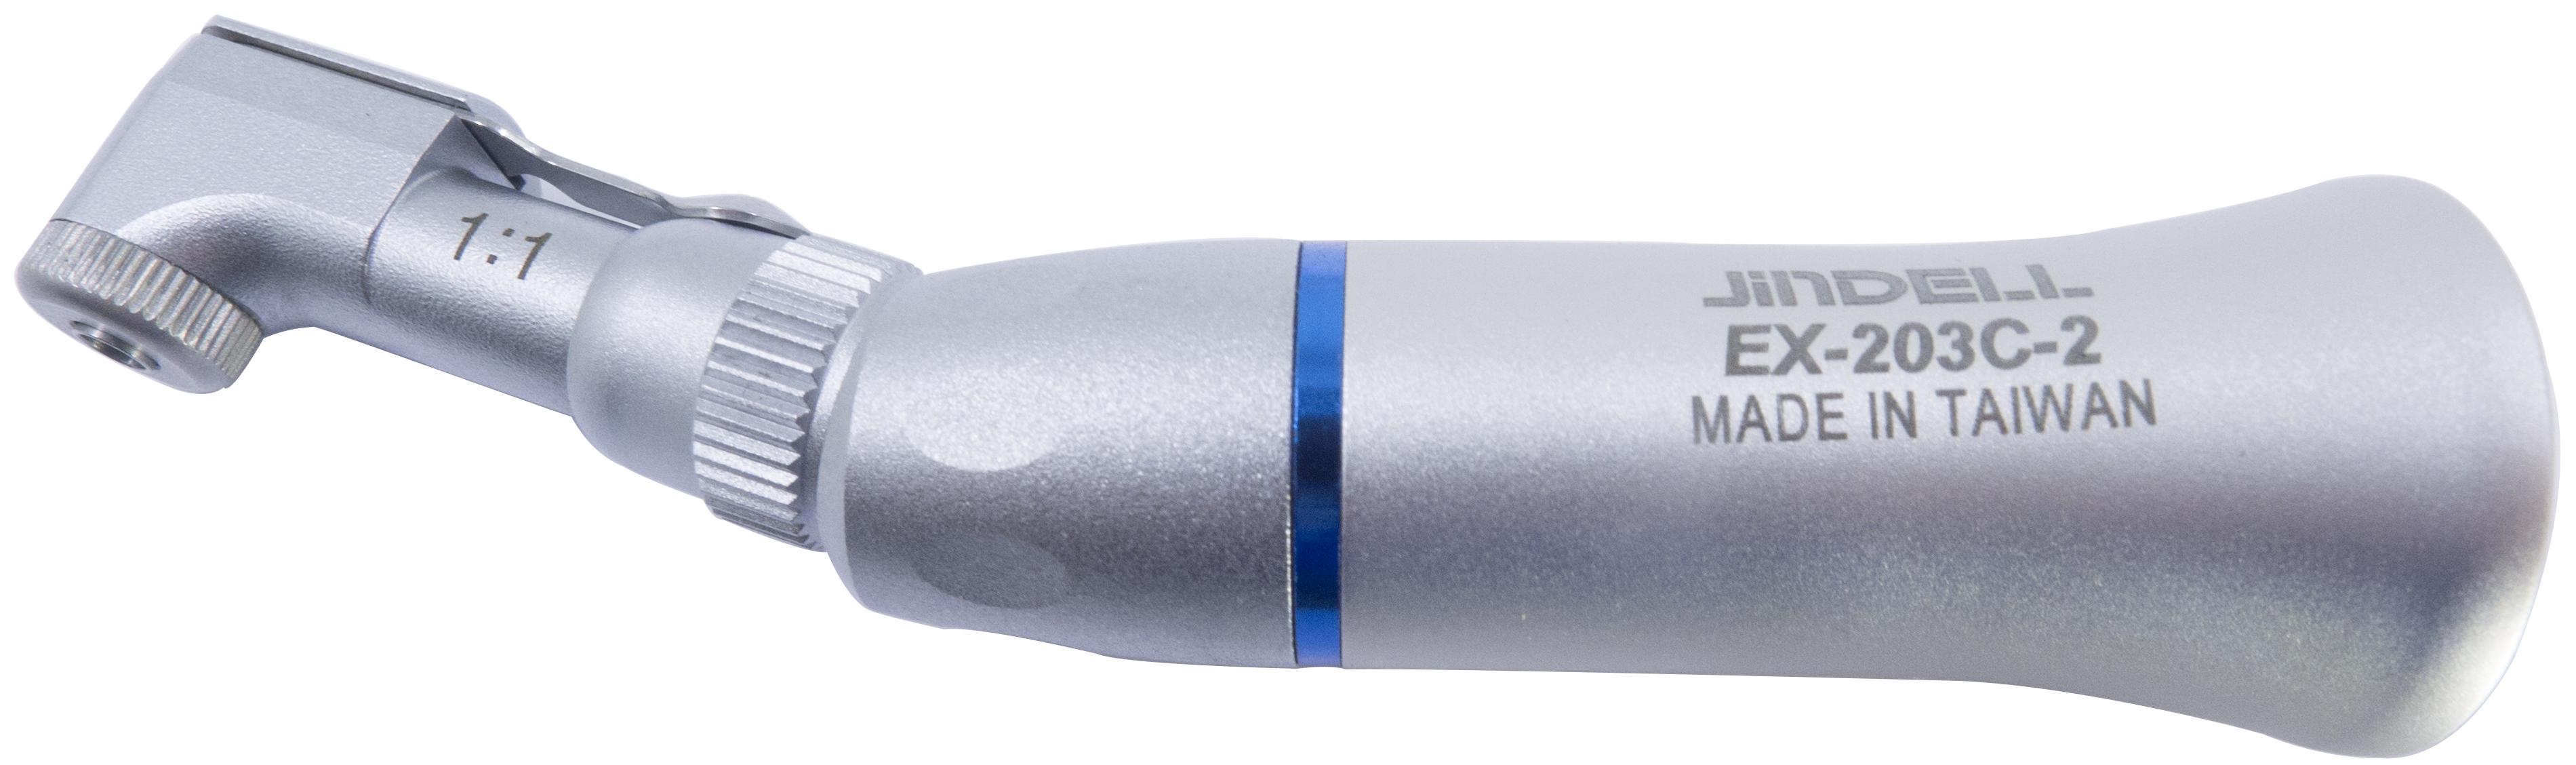 EX-203C-2